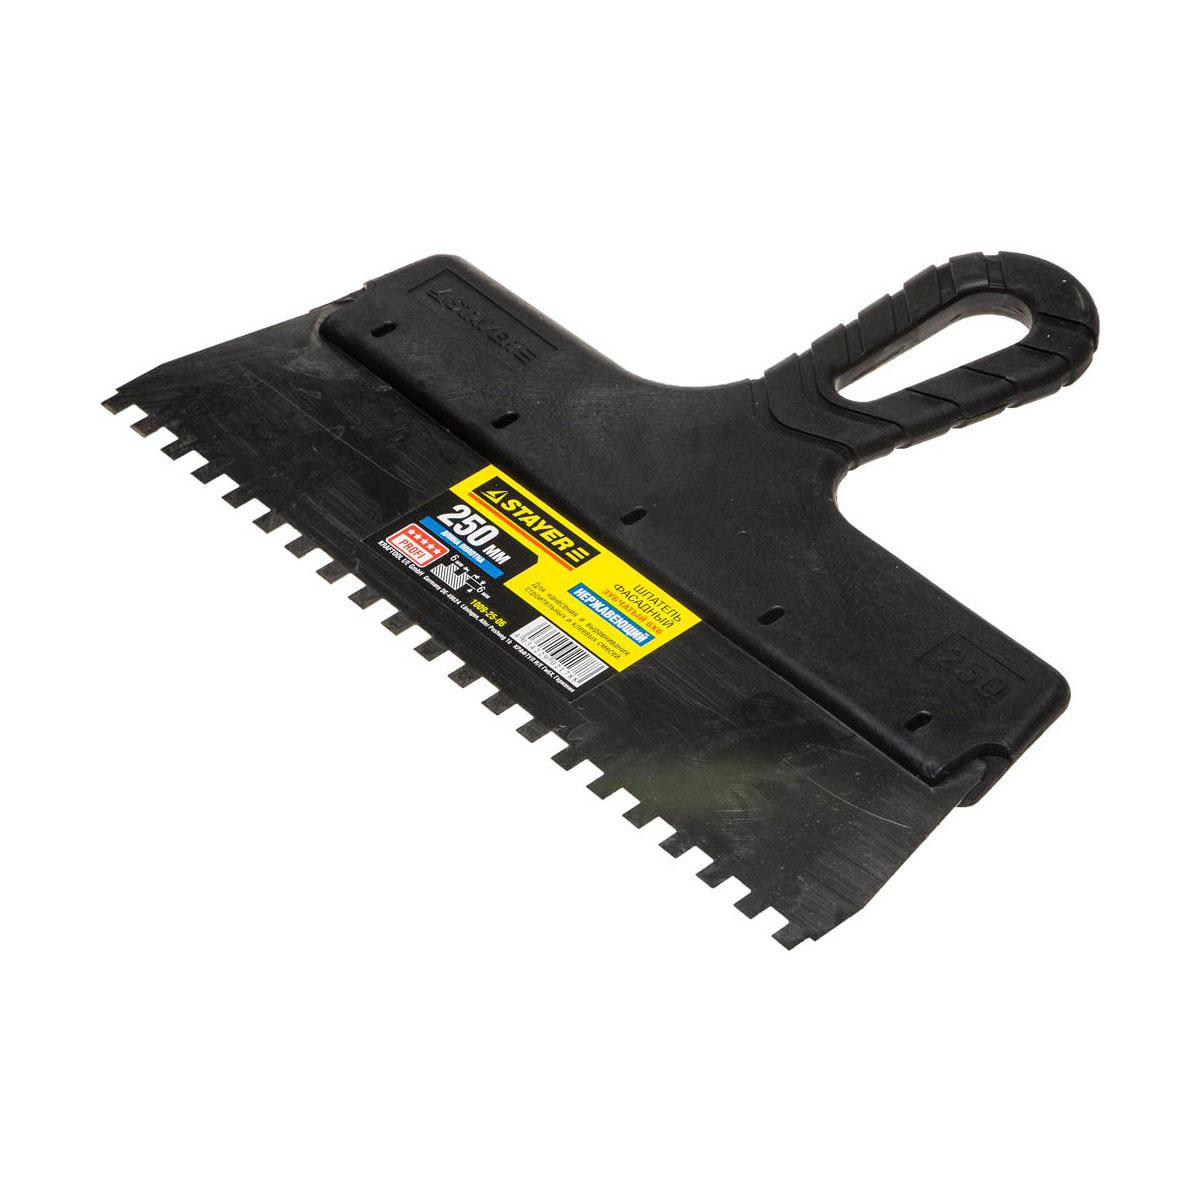 Гребенка для плитки: как выбрать зубчатый шпатель для укладки плитки на стену, какой размер нужен